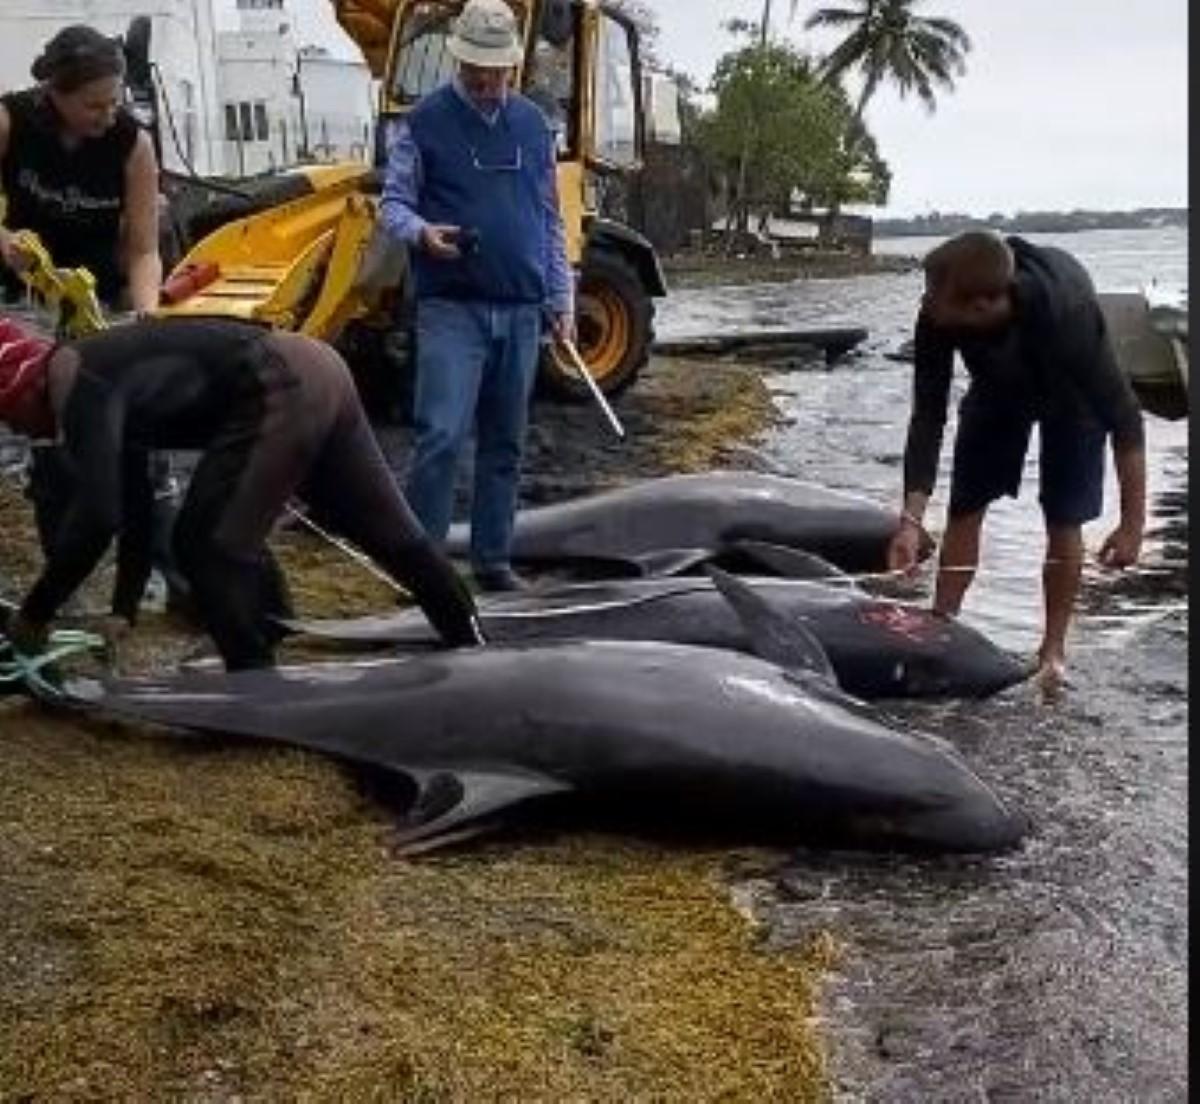 Selon un rapport préliminaire, l'hydrocarbure n'est pas la cause du décès des dauphins